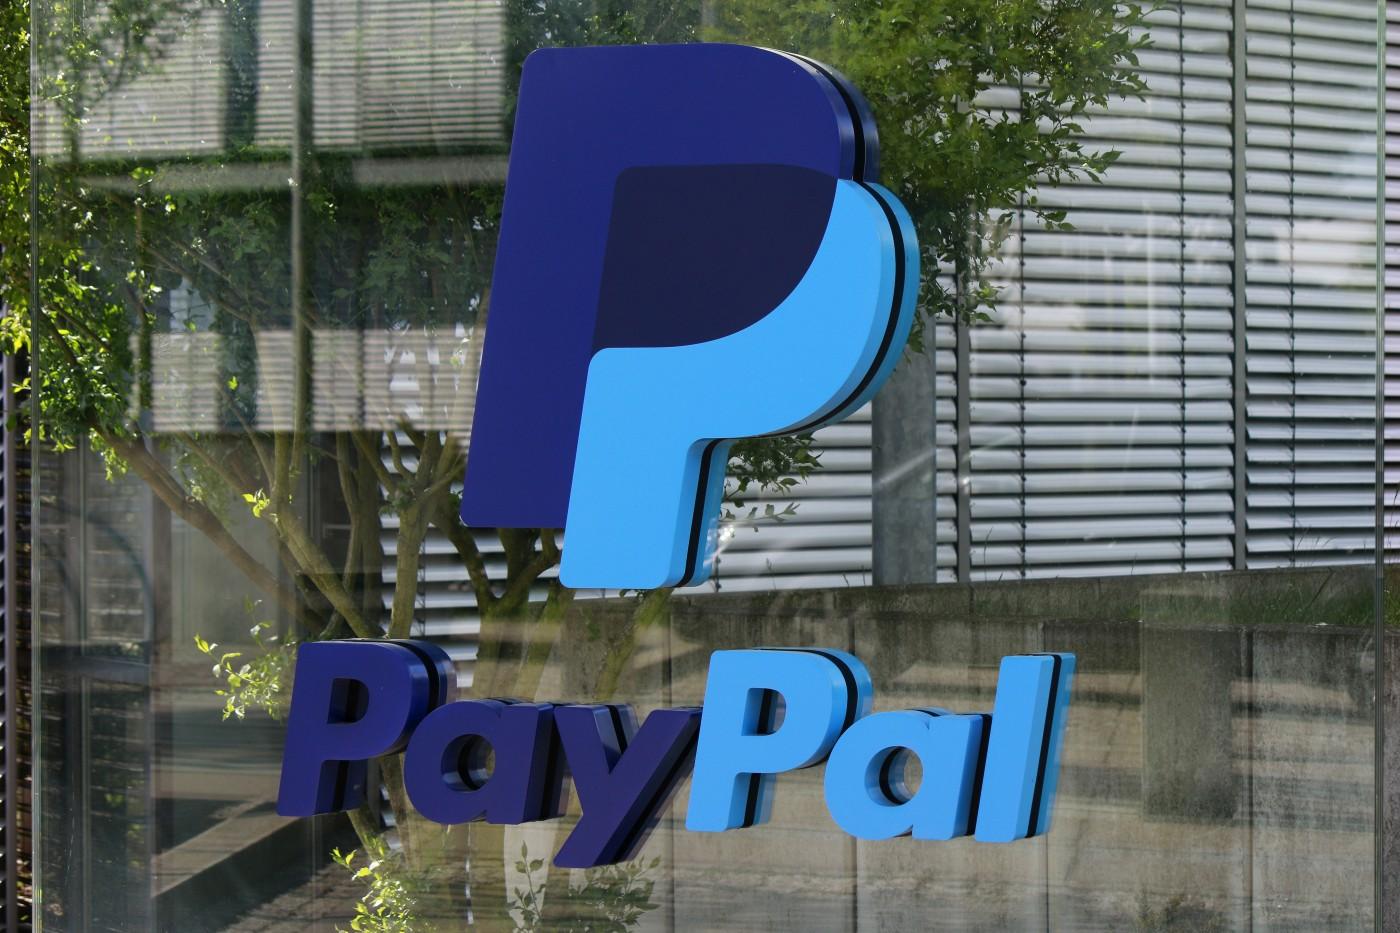 當PayPal棄守台灣,為什麼把矛頭指向台灣法令?